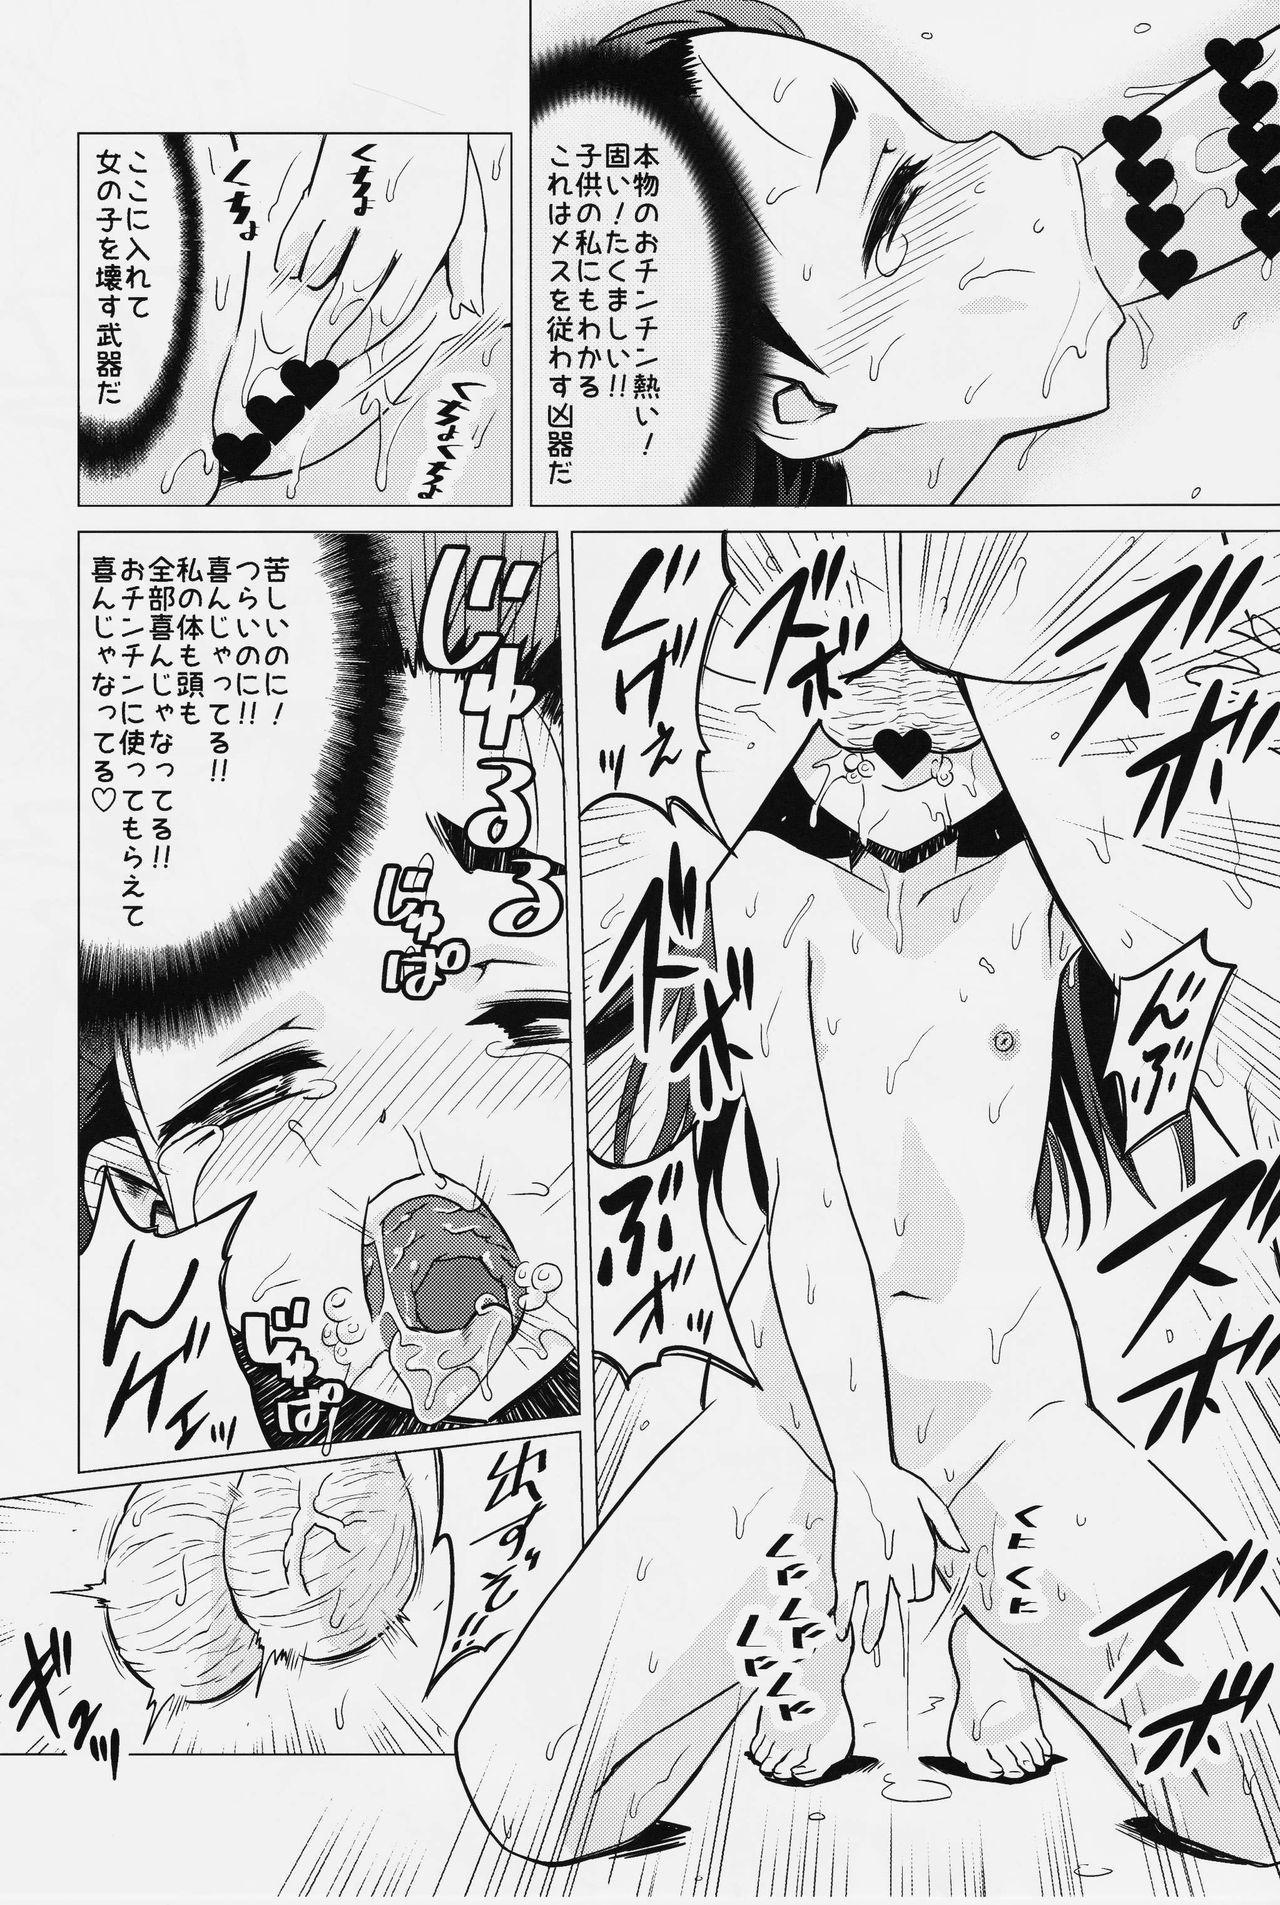 Osanai Kozue no Maso Taibatsu Shigan 13